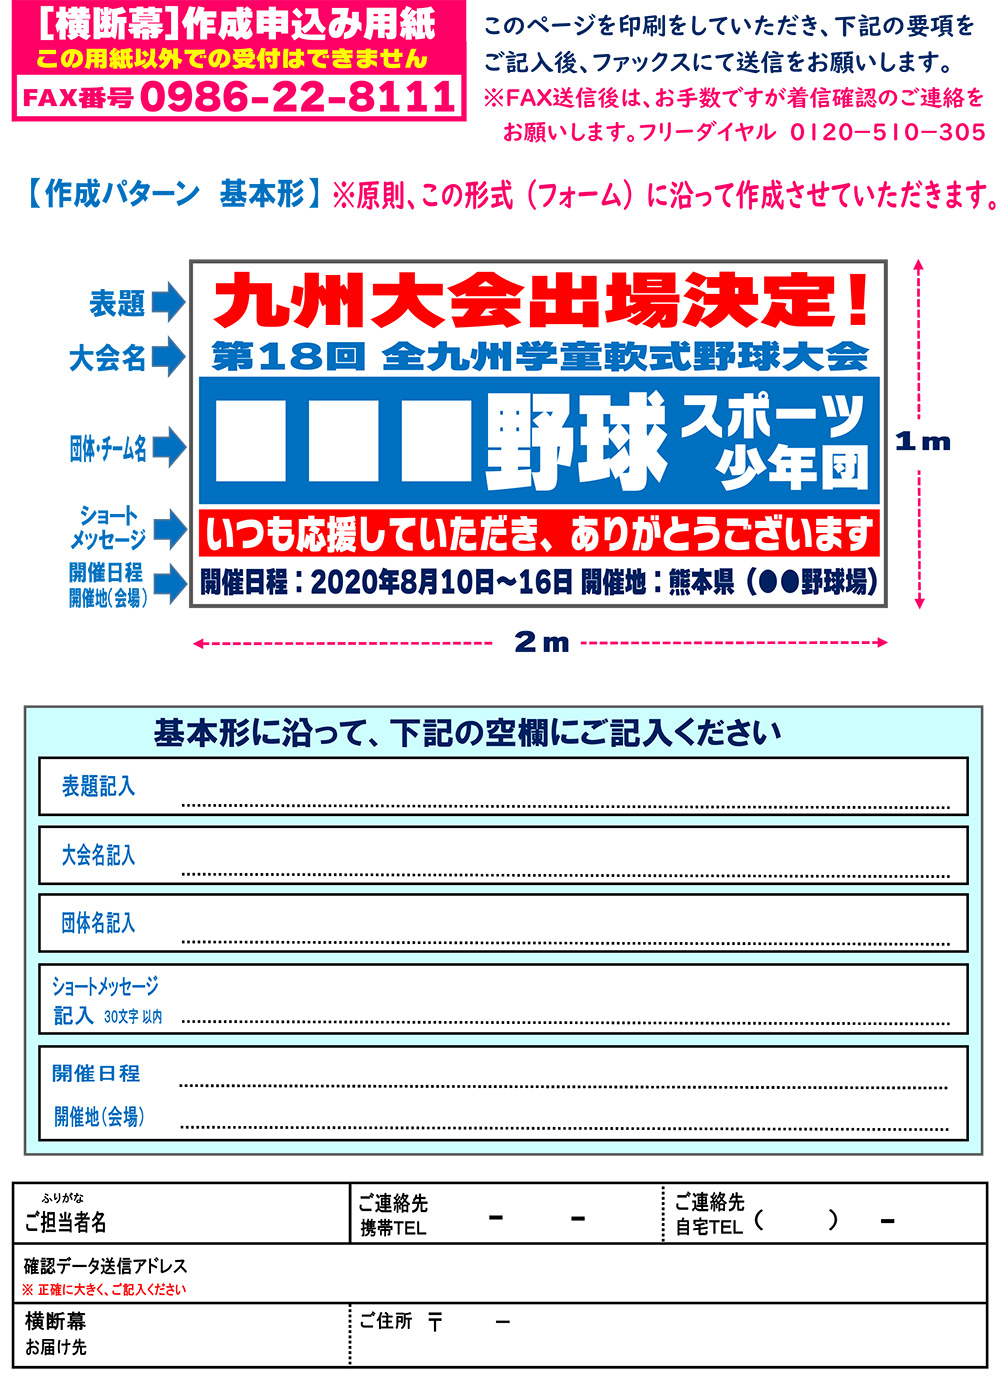 taikai-campaign02